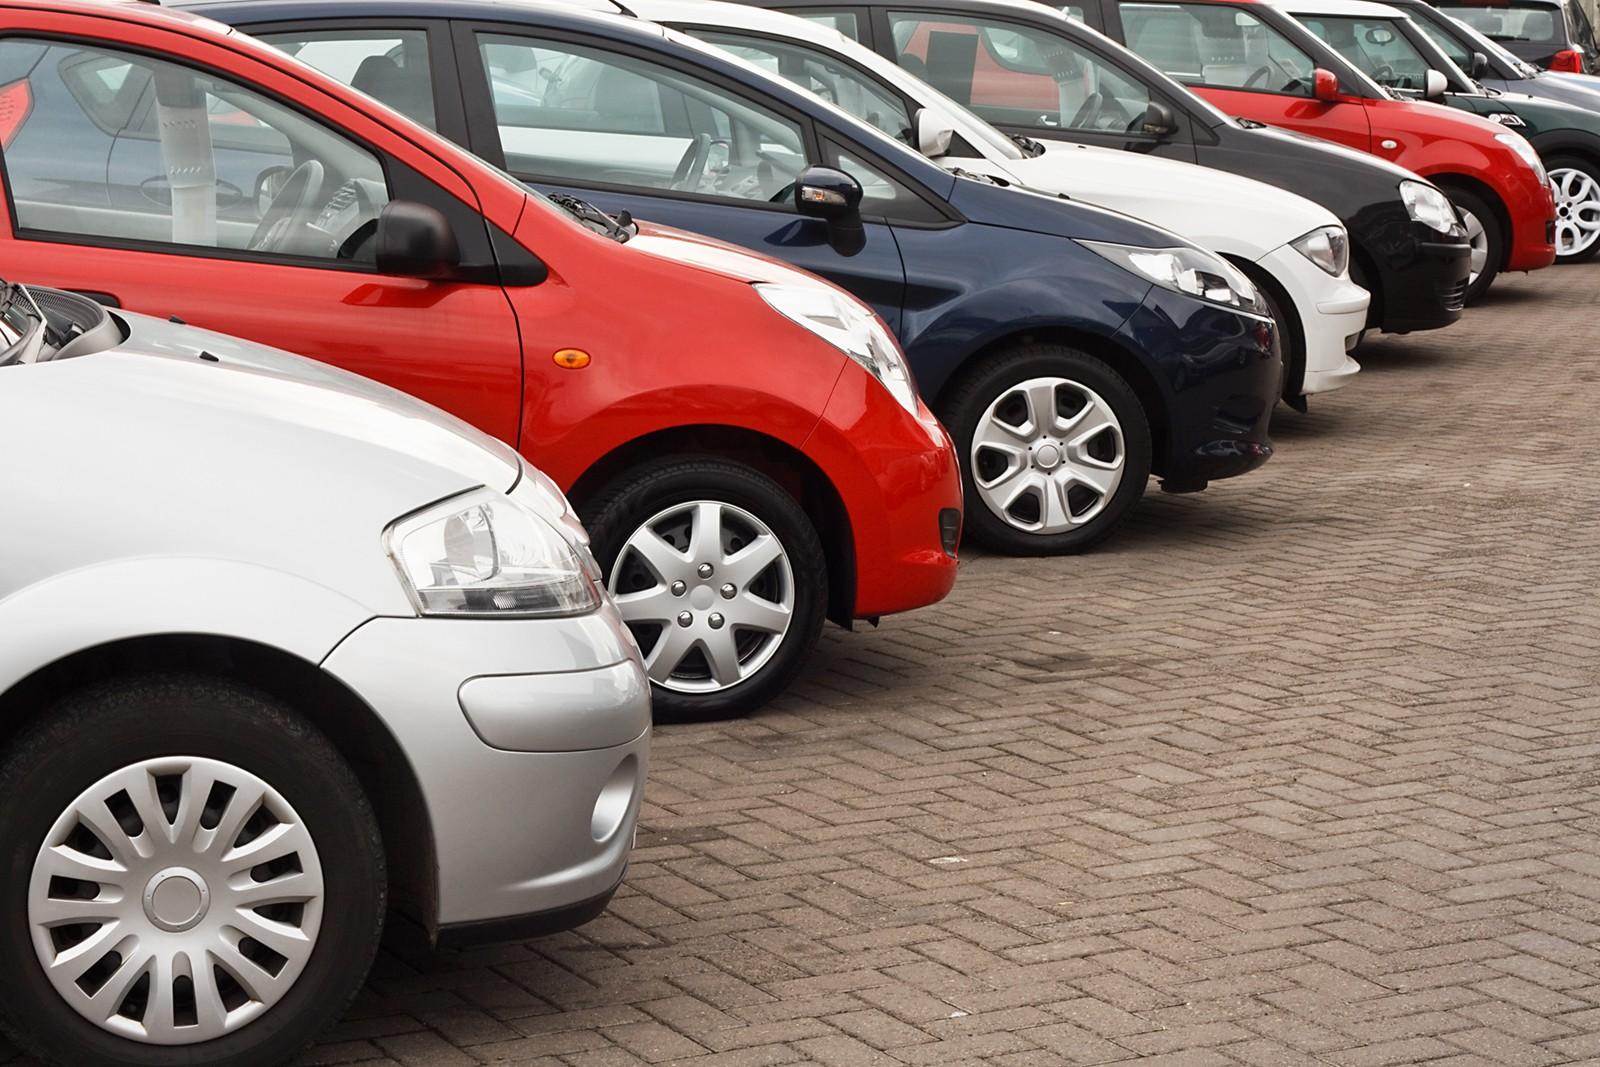 Михаил Ерцев, Автомама: рынок подержанных машин может сократиться на треть